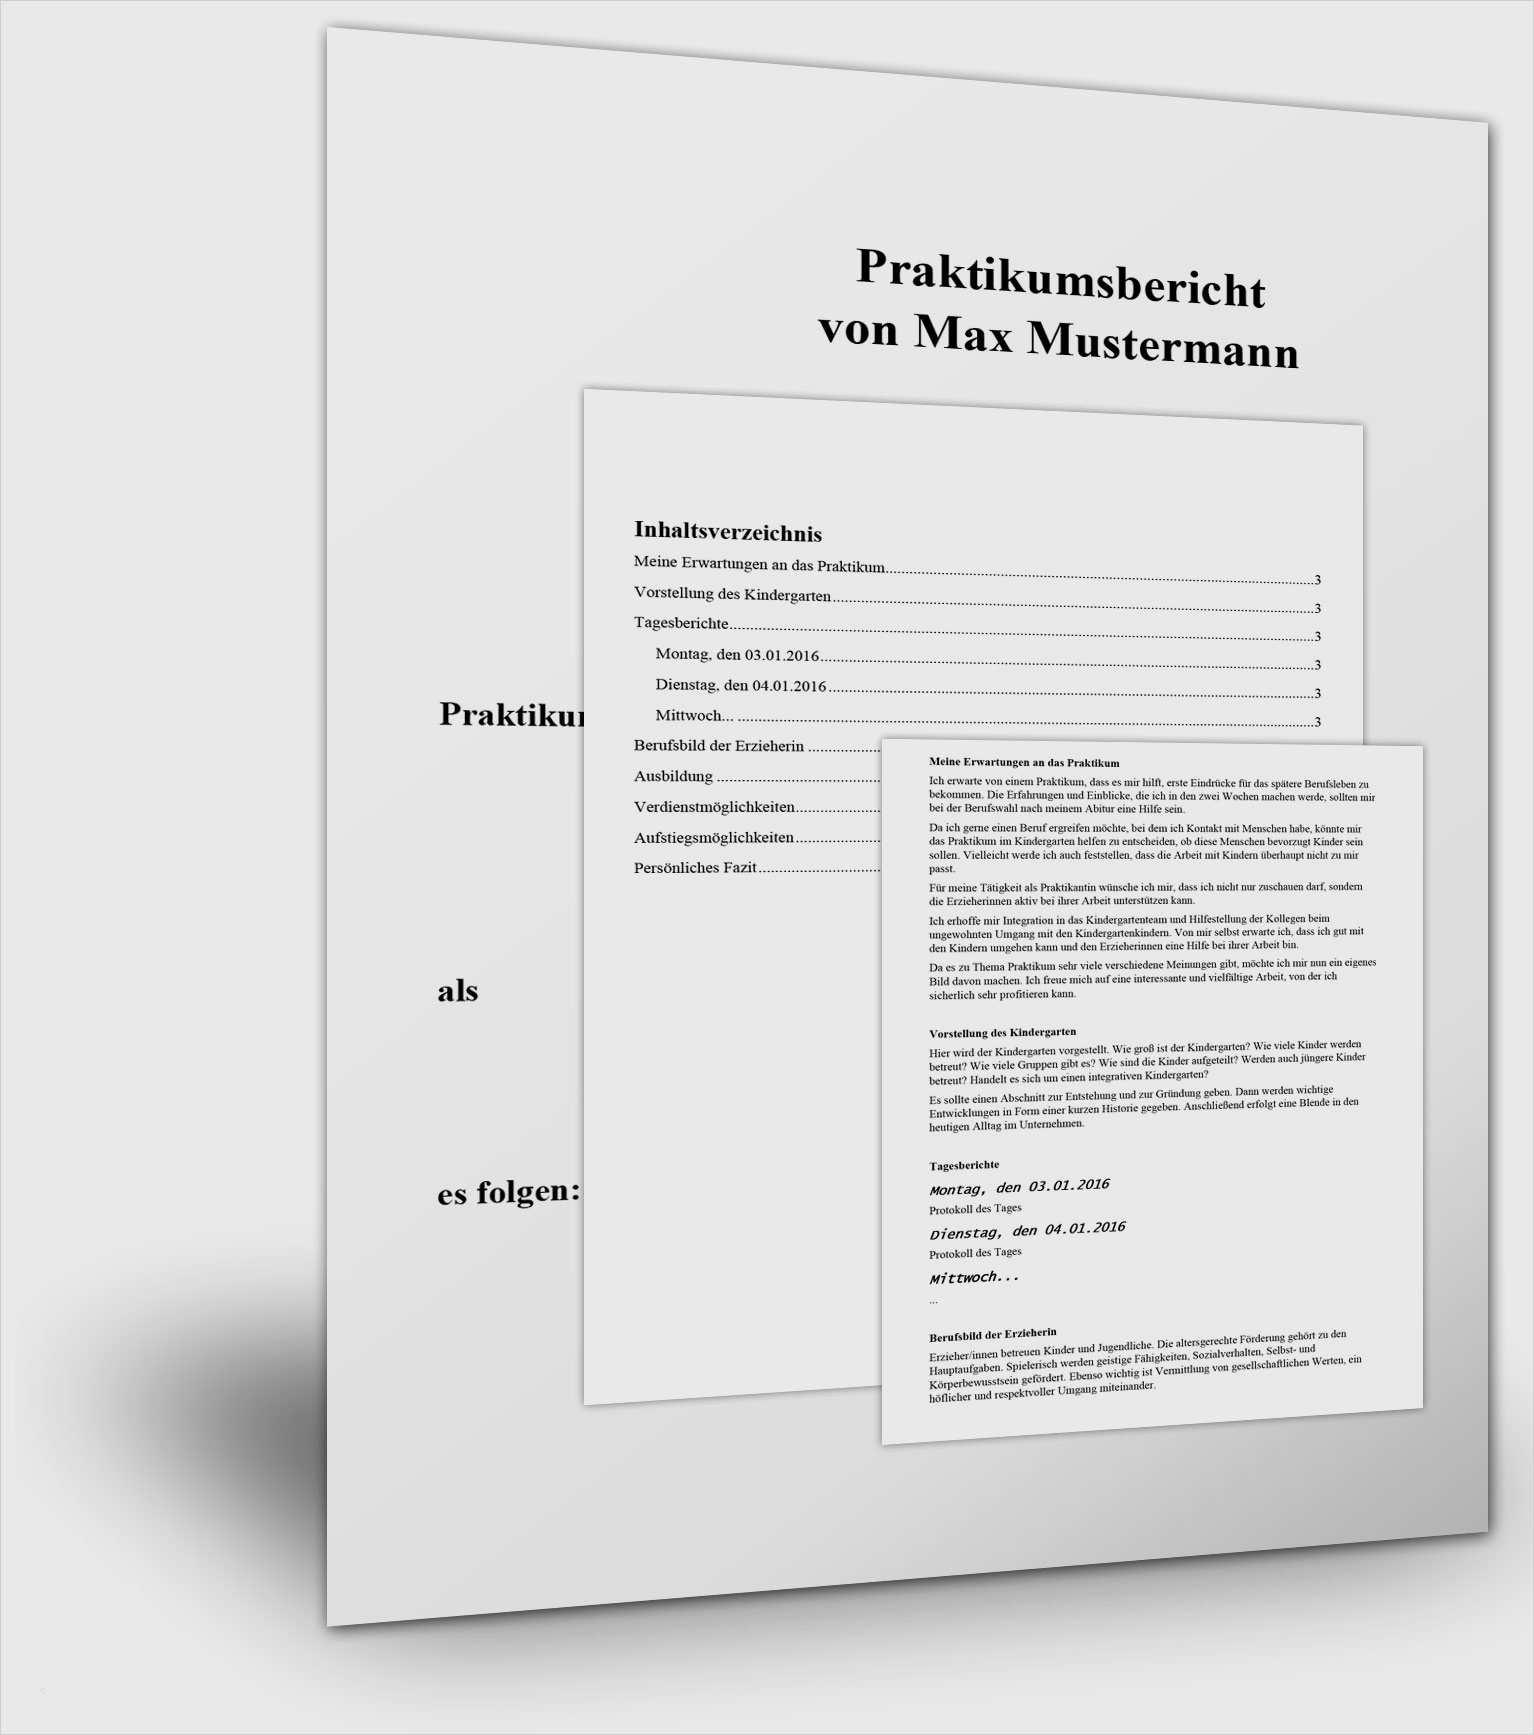 Muster Praktikumsbericht Pdf Free Download